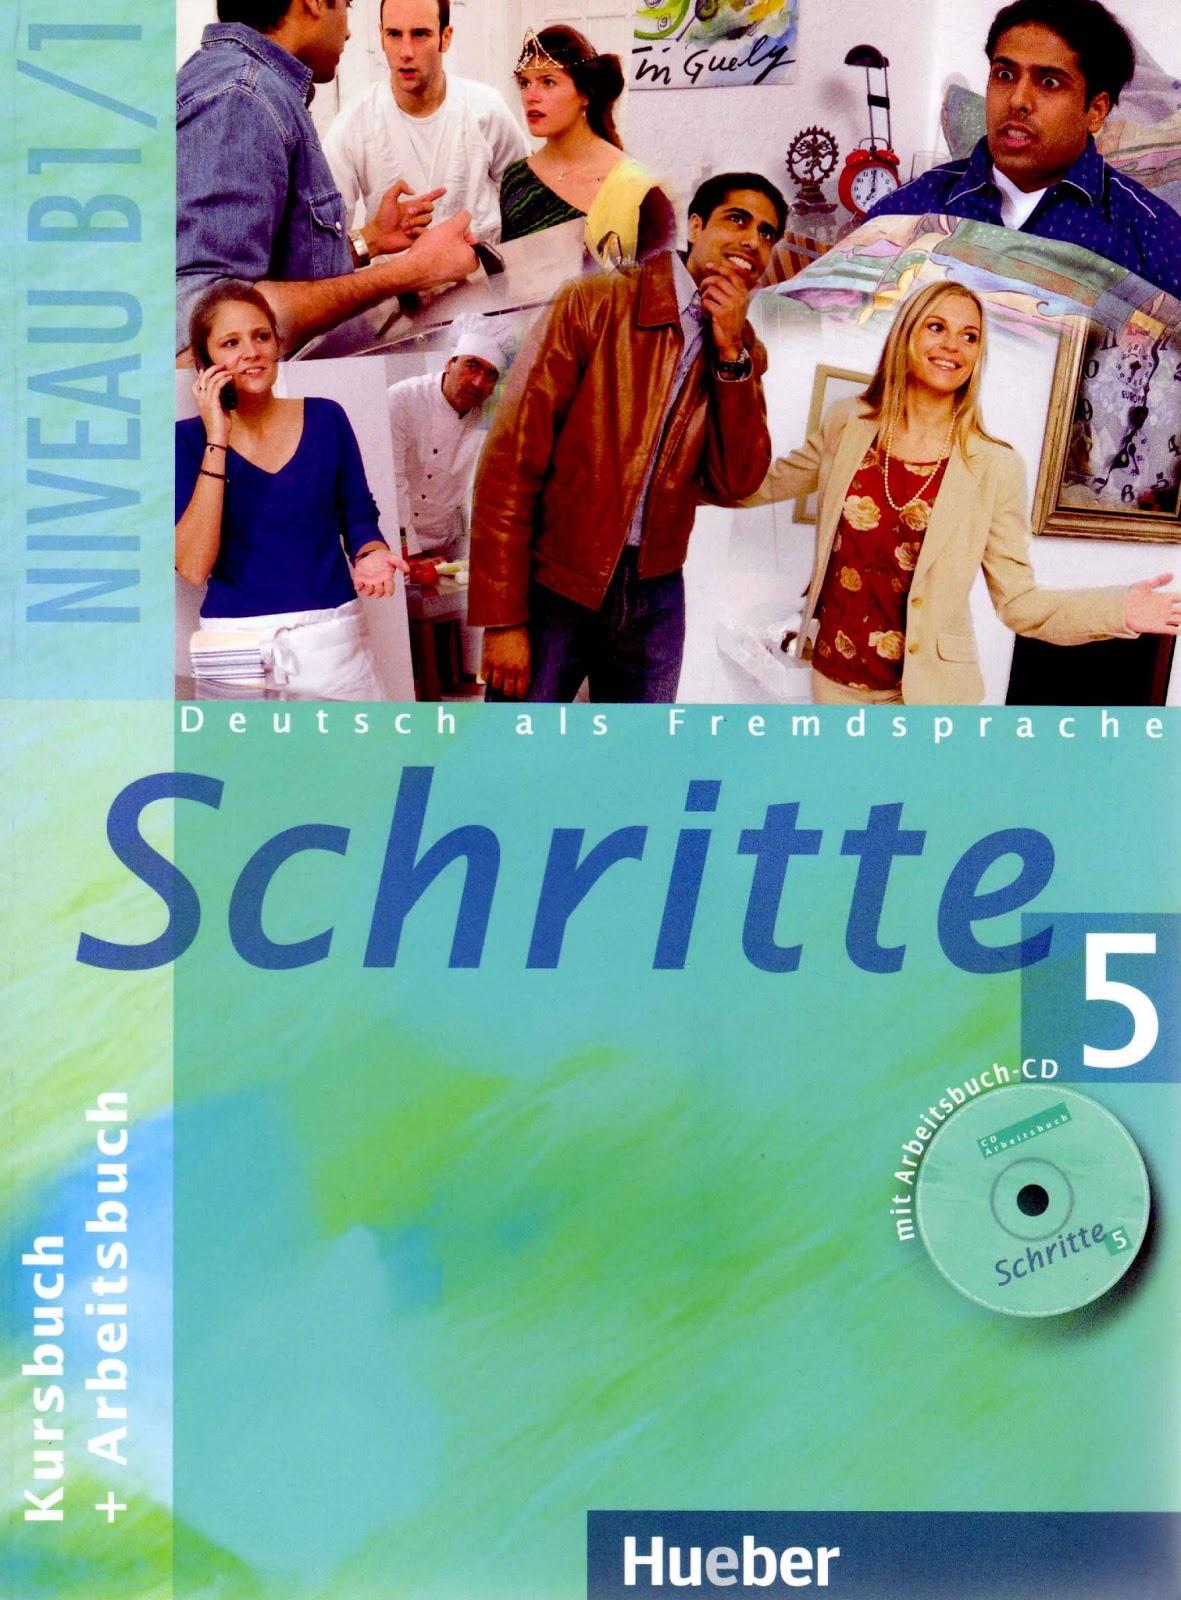 Schritte international 3 lehrerhandbuch free download pdf